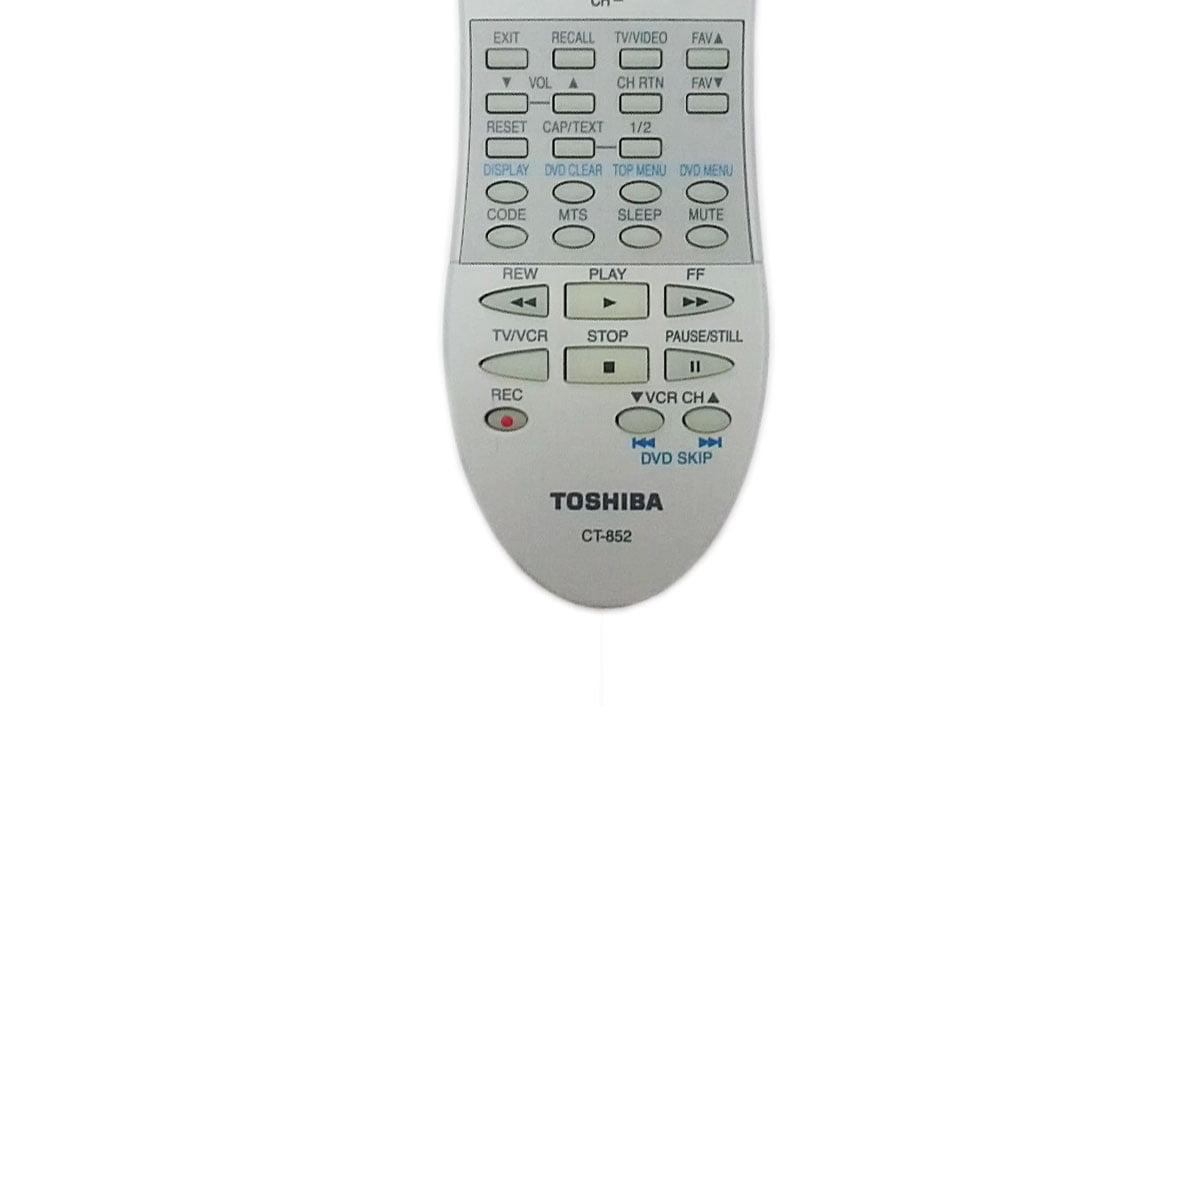 Original TV Remote Control for TOSHIBA 27A45 Television - Walmart com